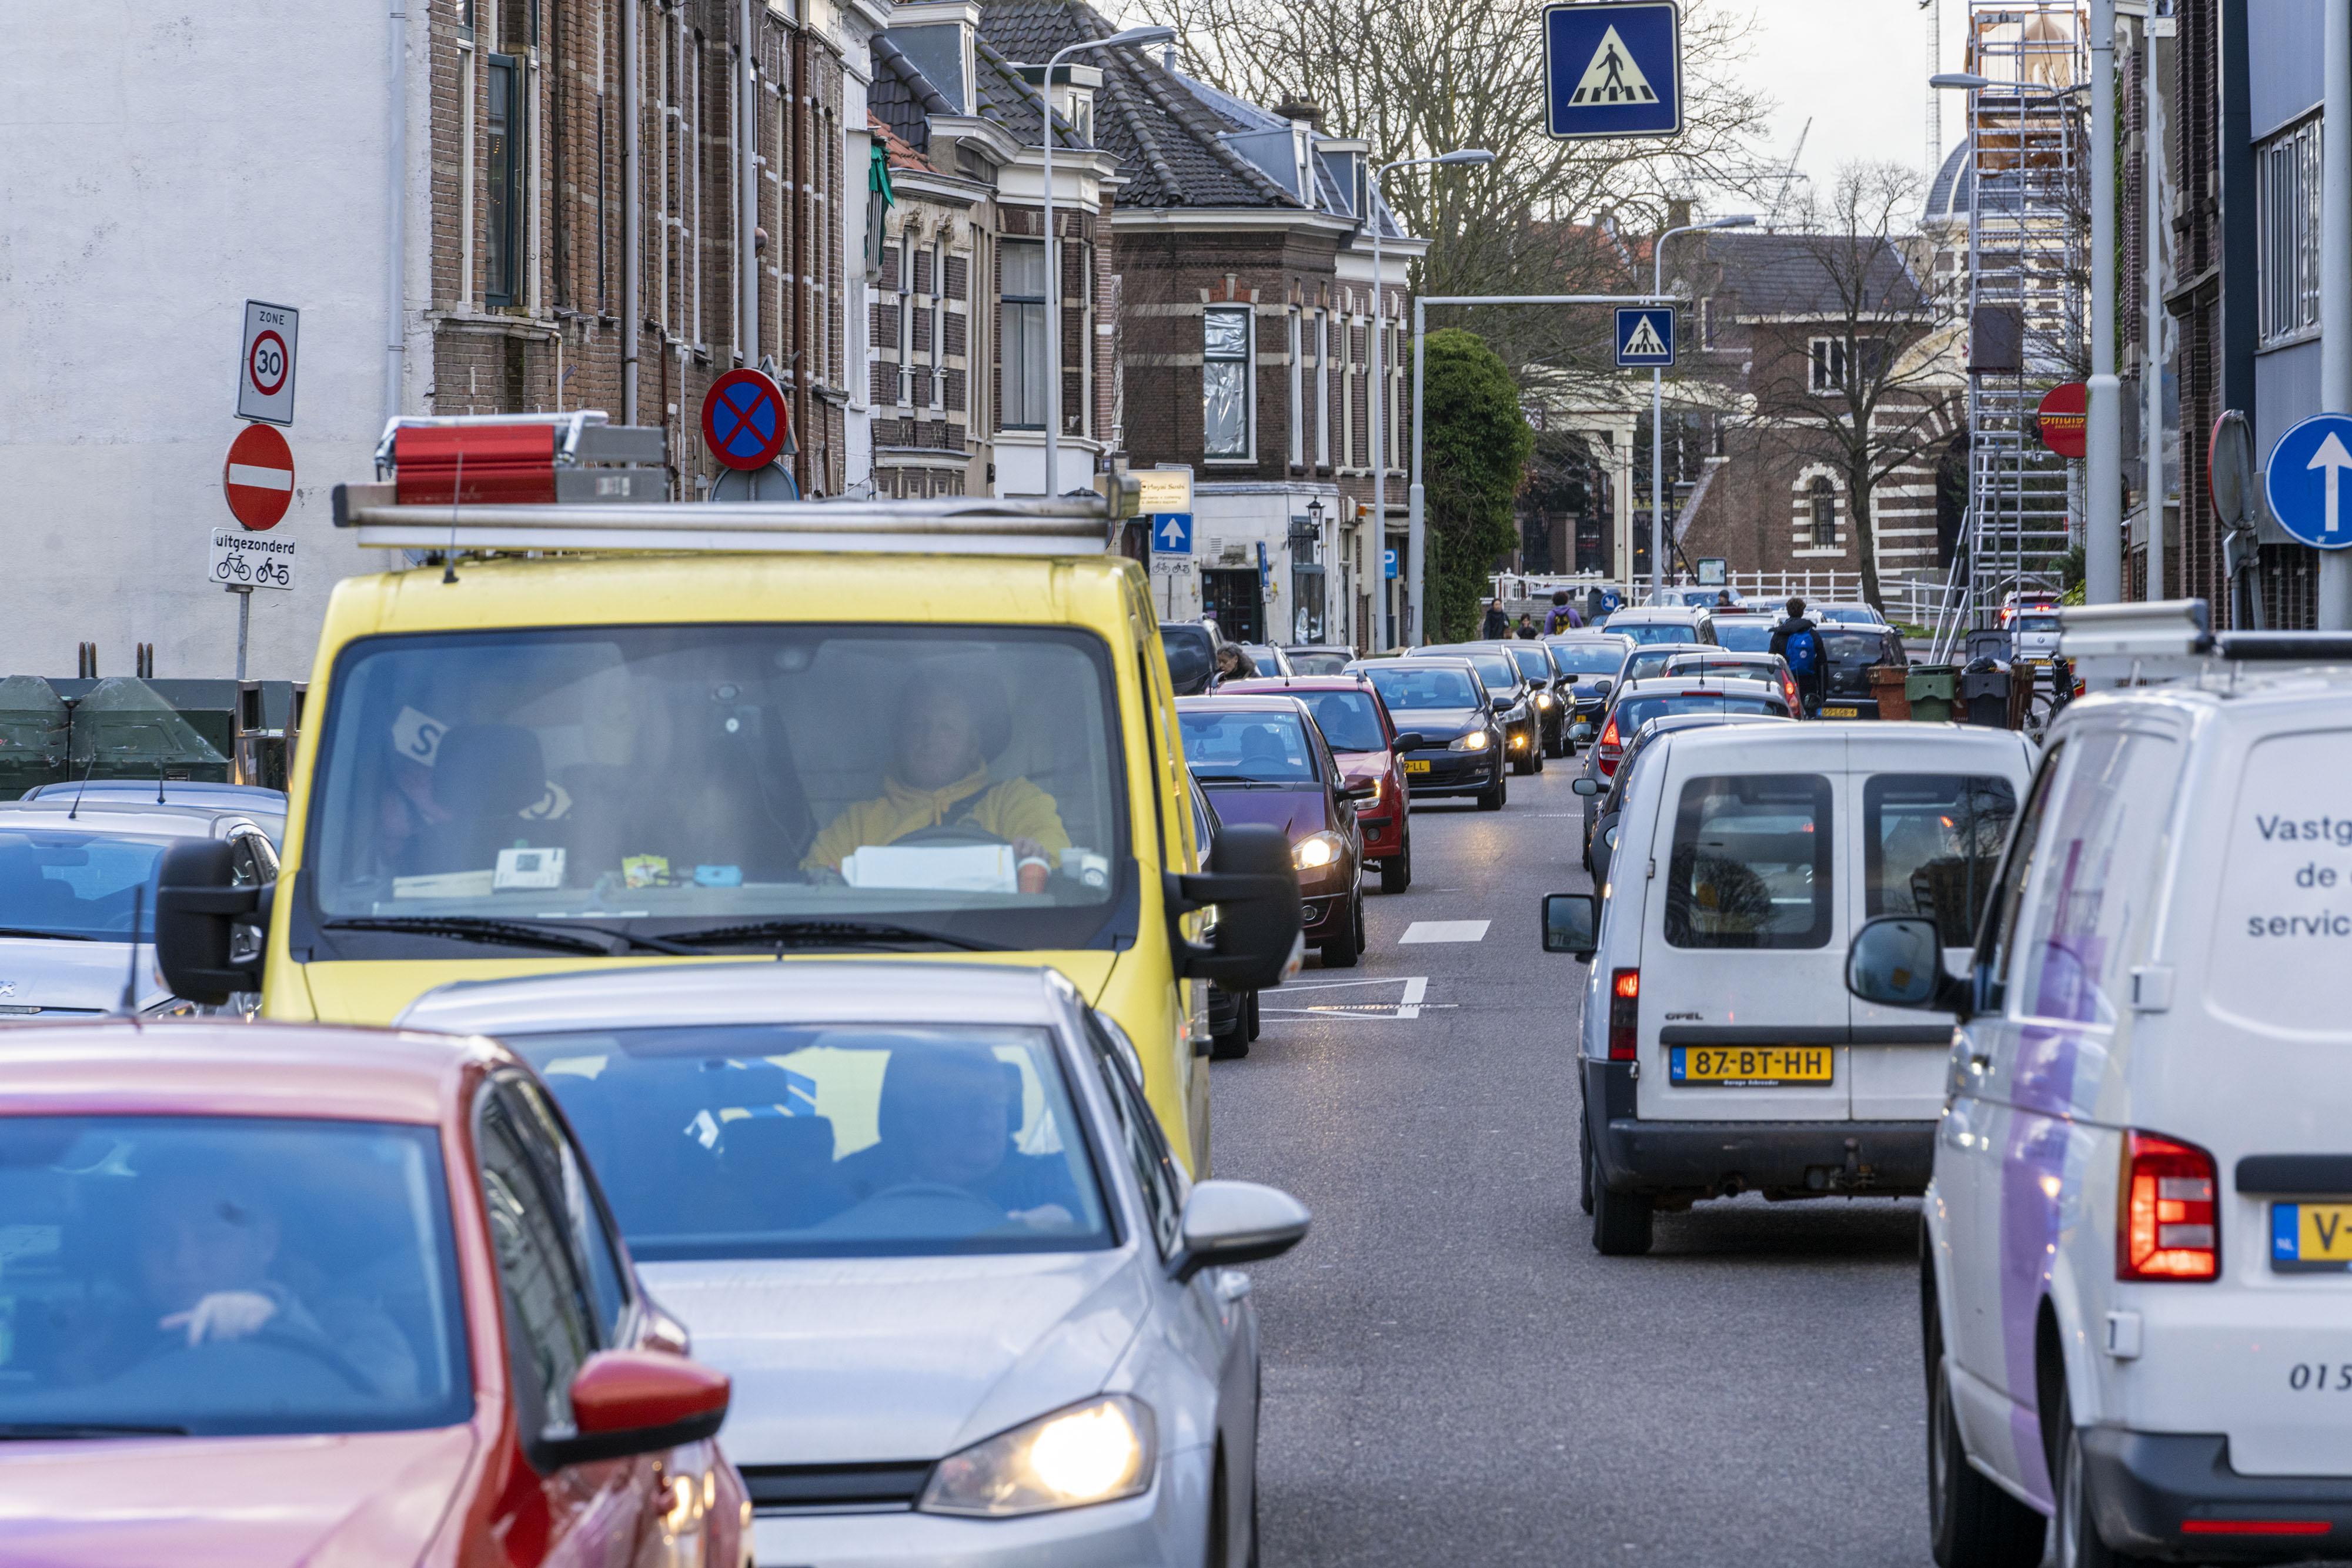 Van de Morsweg een fietsstraat maken is de uit wanhoop gedreven oplossing die Transvaal aandraagt